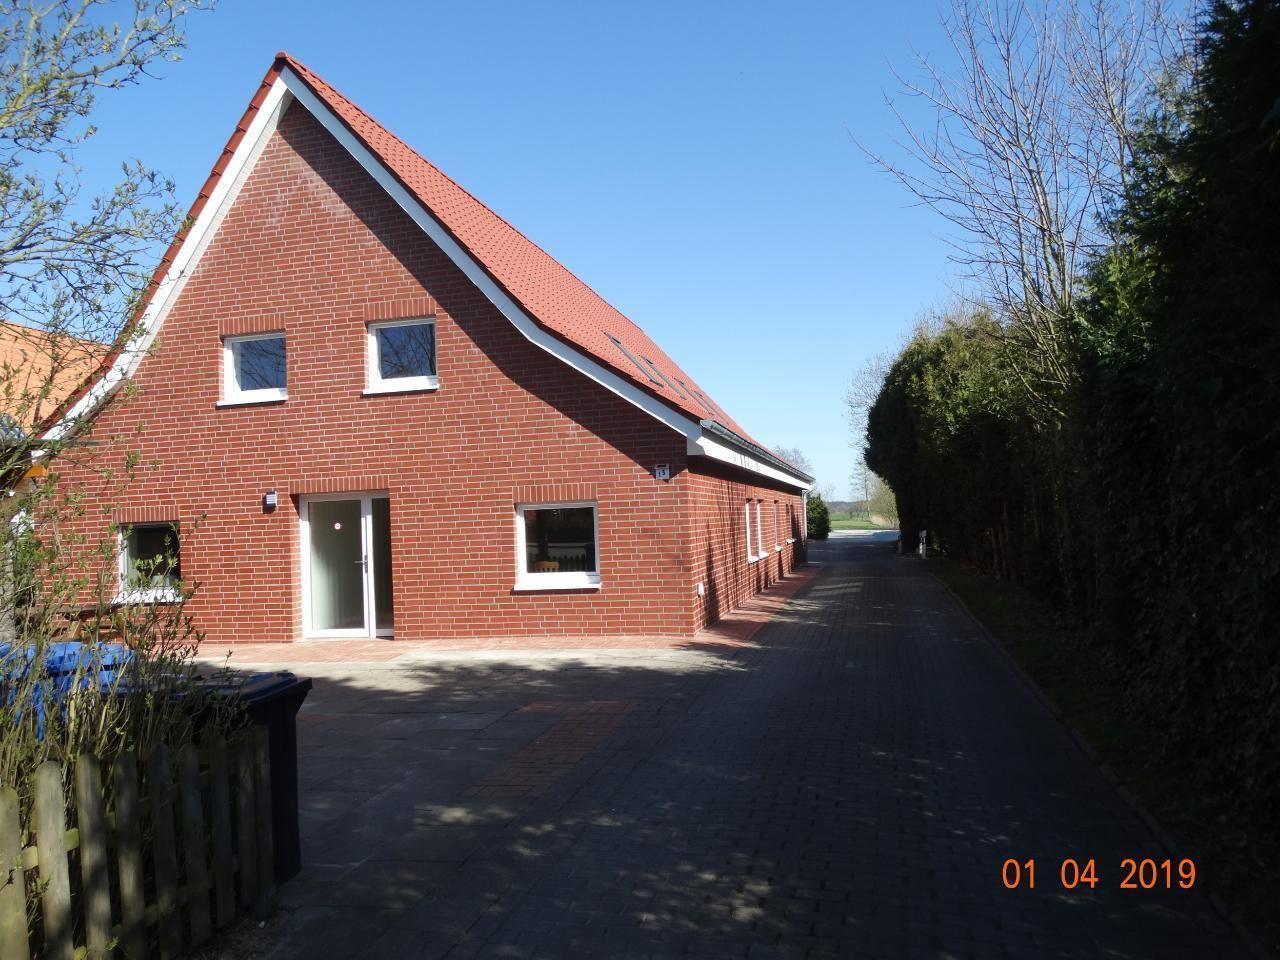 Ferienhaus Elli und Haus Aue-Oase Landkreis Cuxhav  an der Nordsee